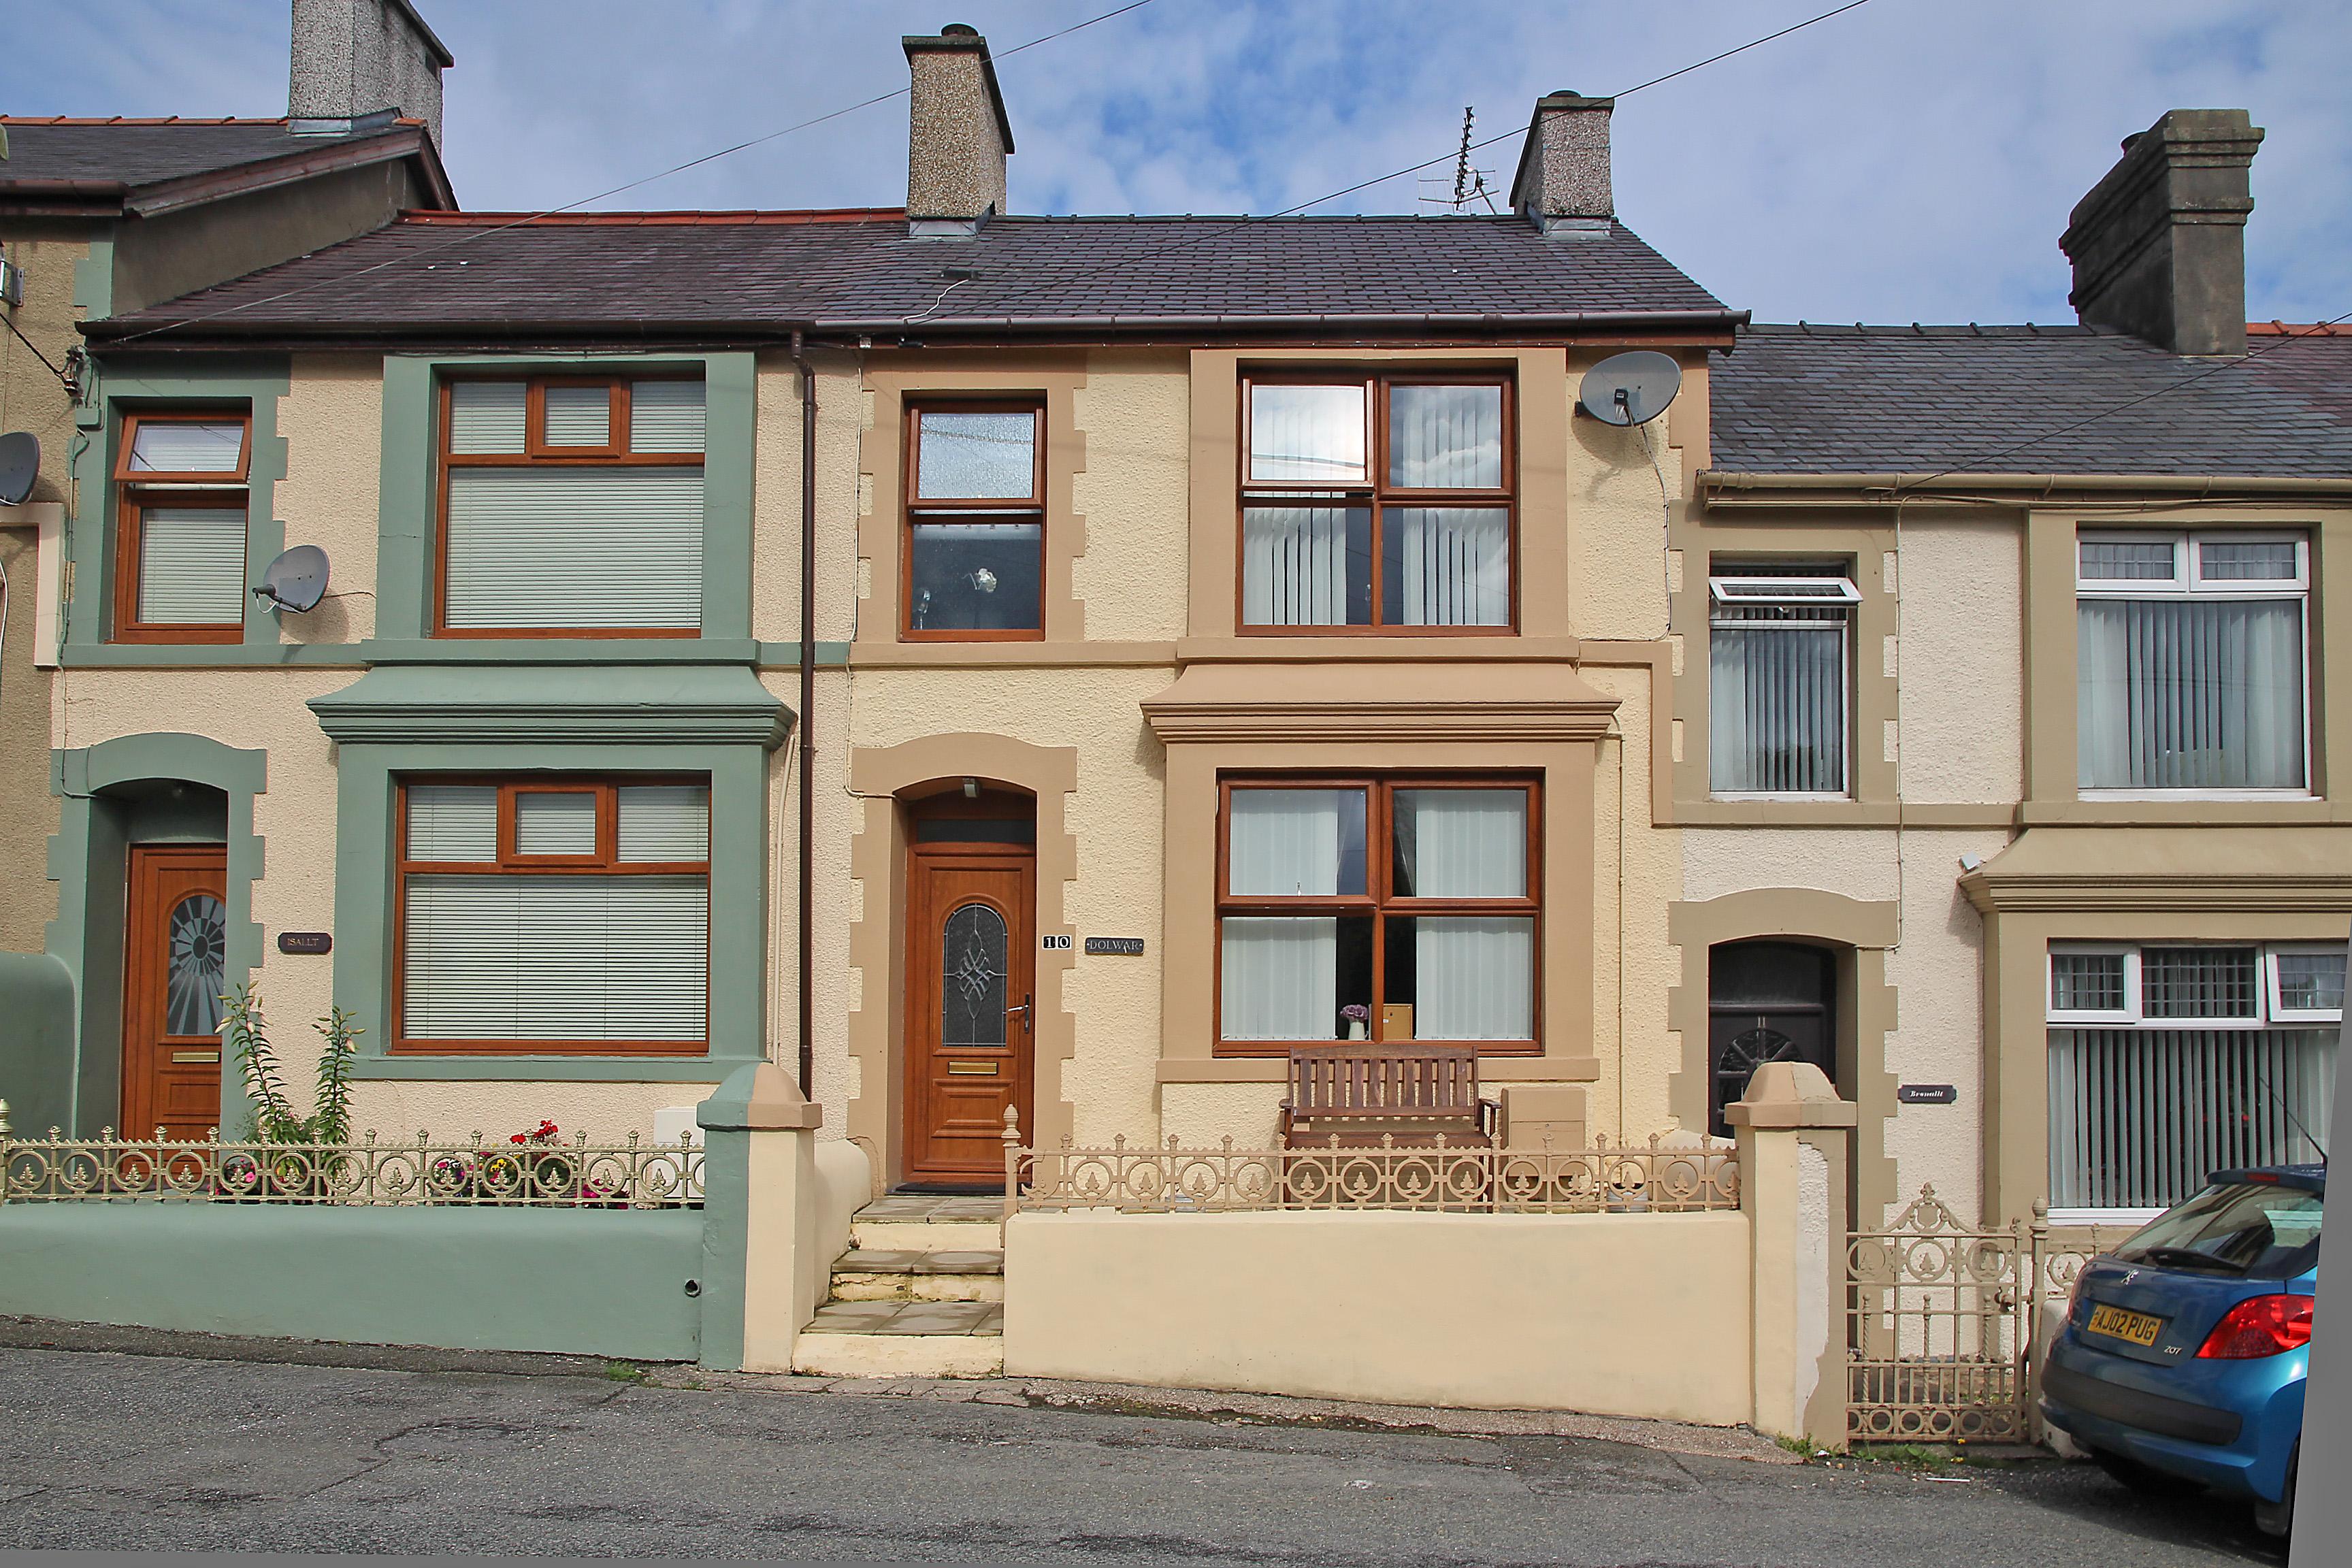 Rhythallt Terrace, Llanrug, North Wales